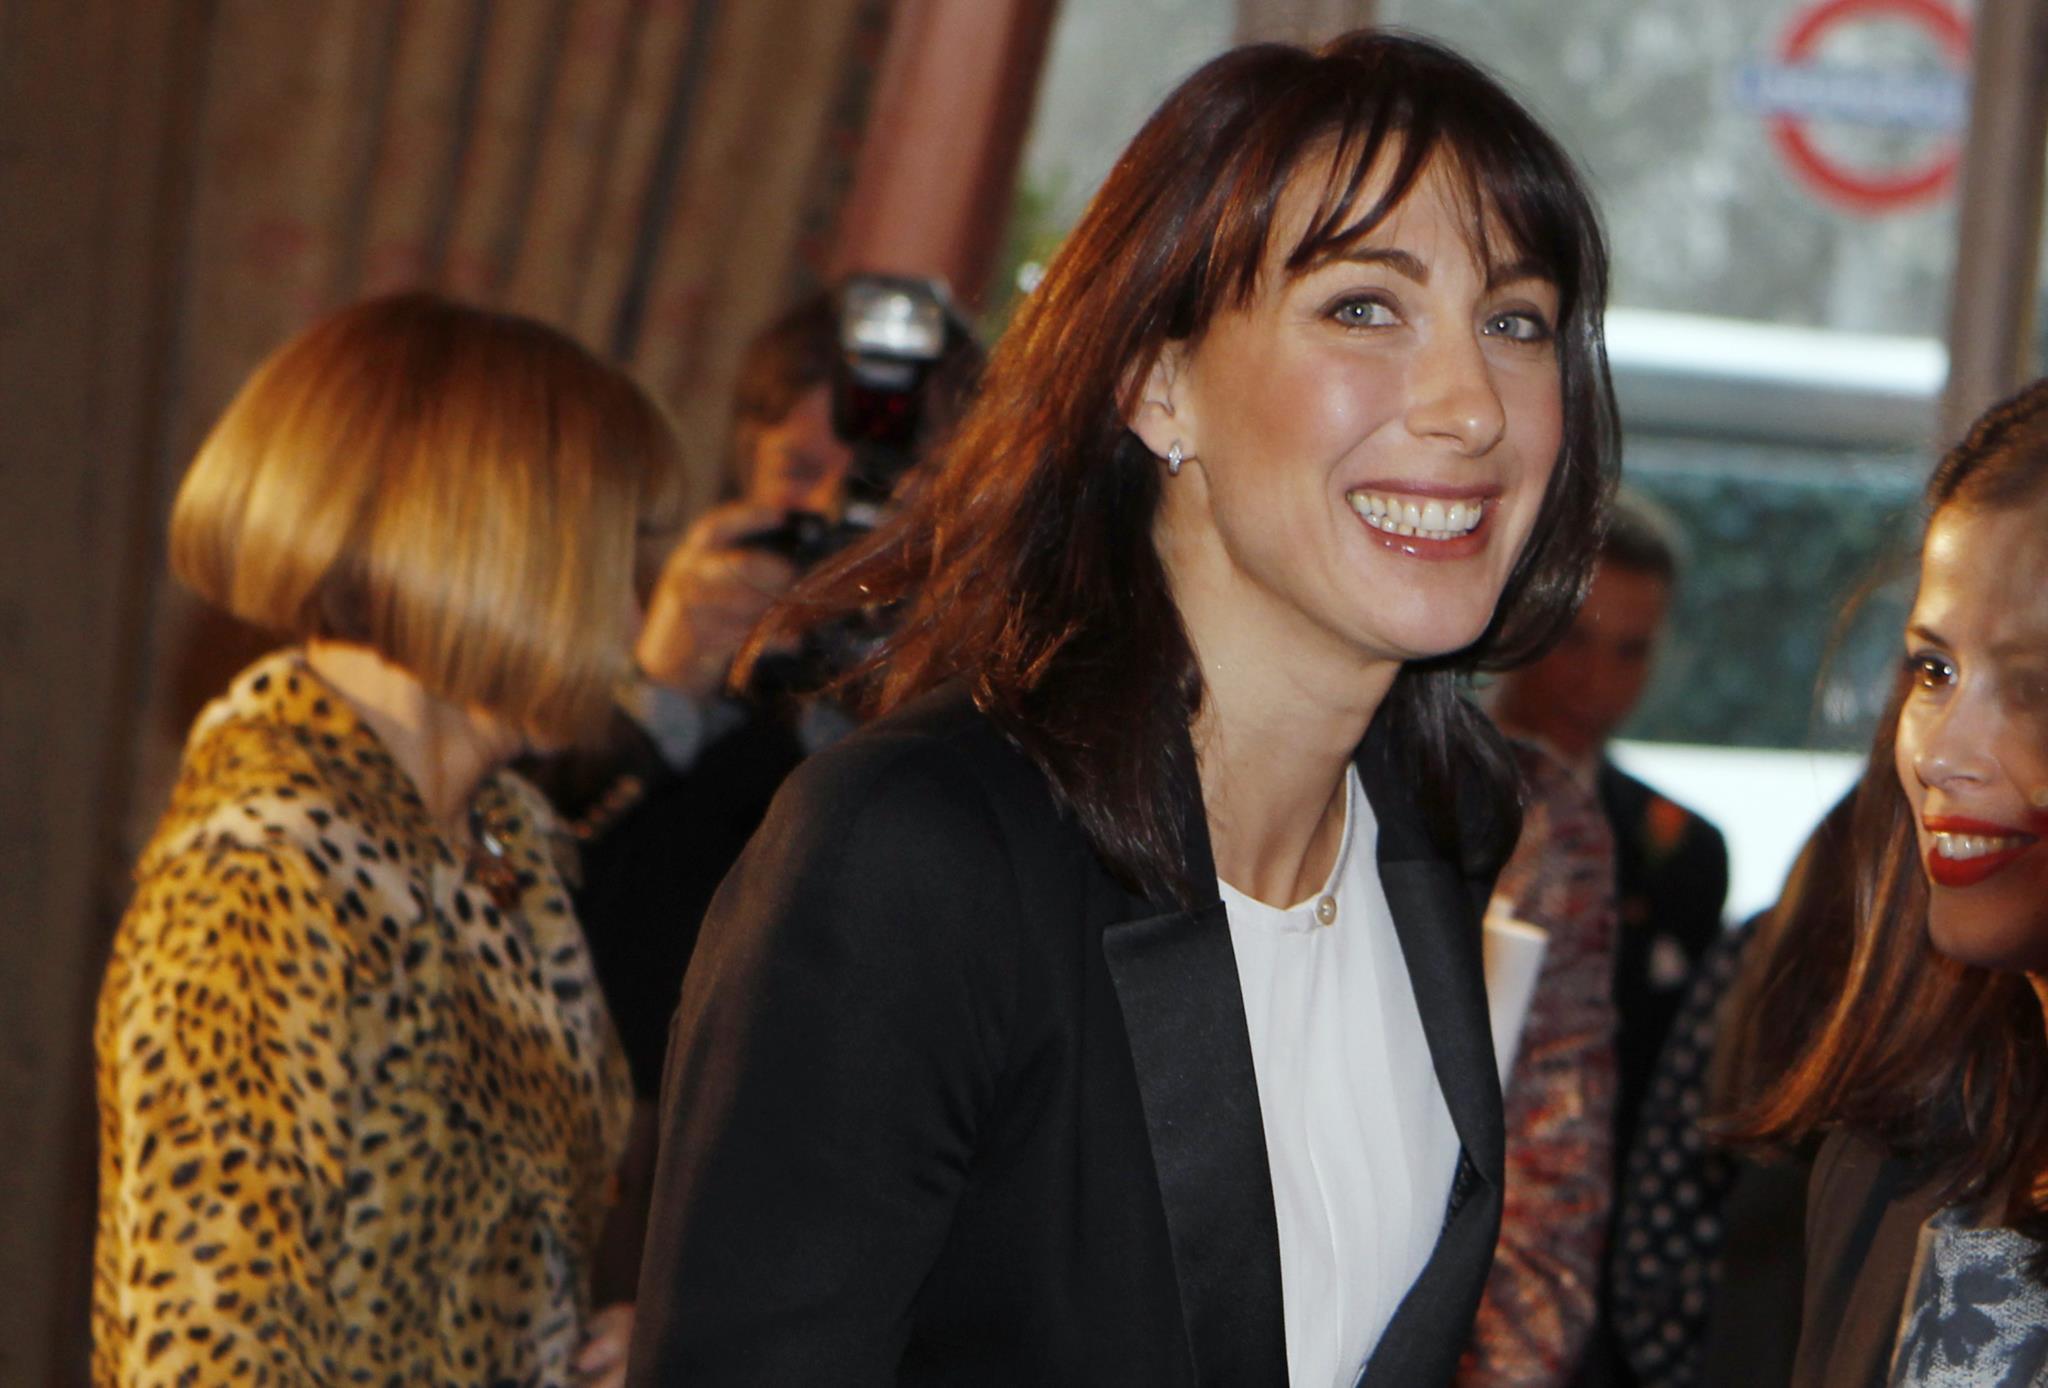 Mulher de David Cameron lança marca de roupa